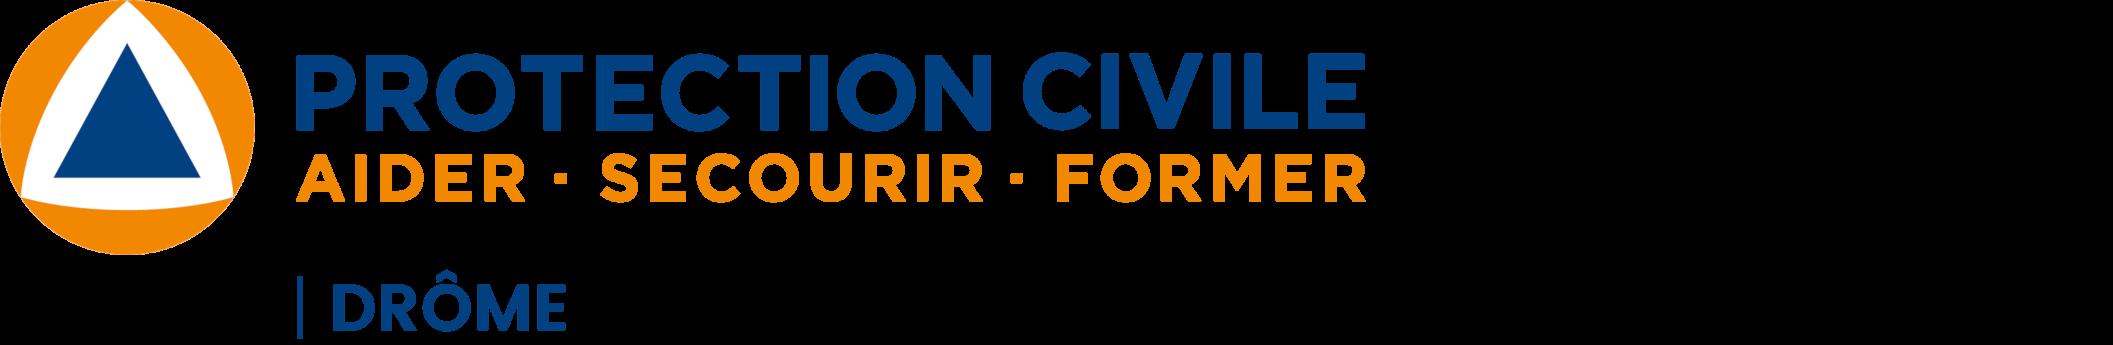 Protection Civile de la Drôme